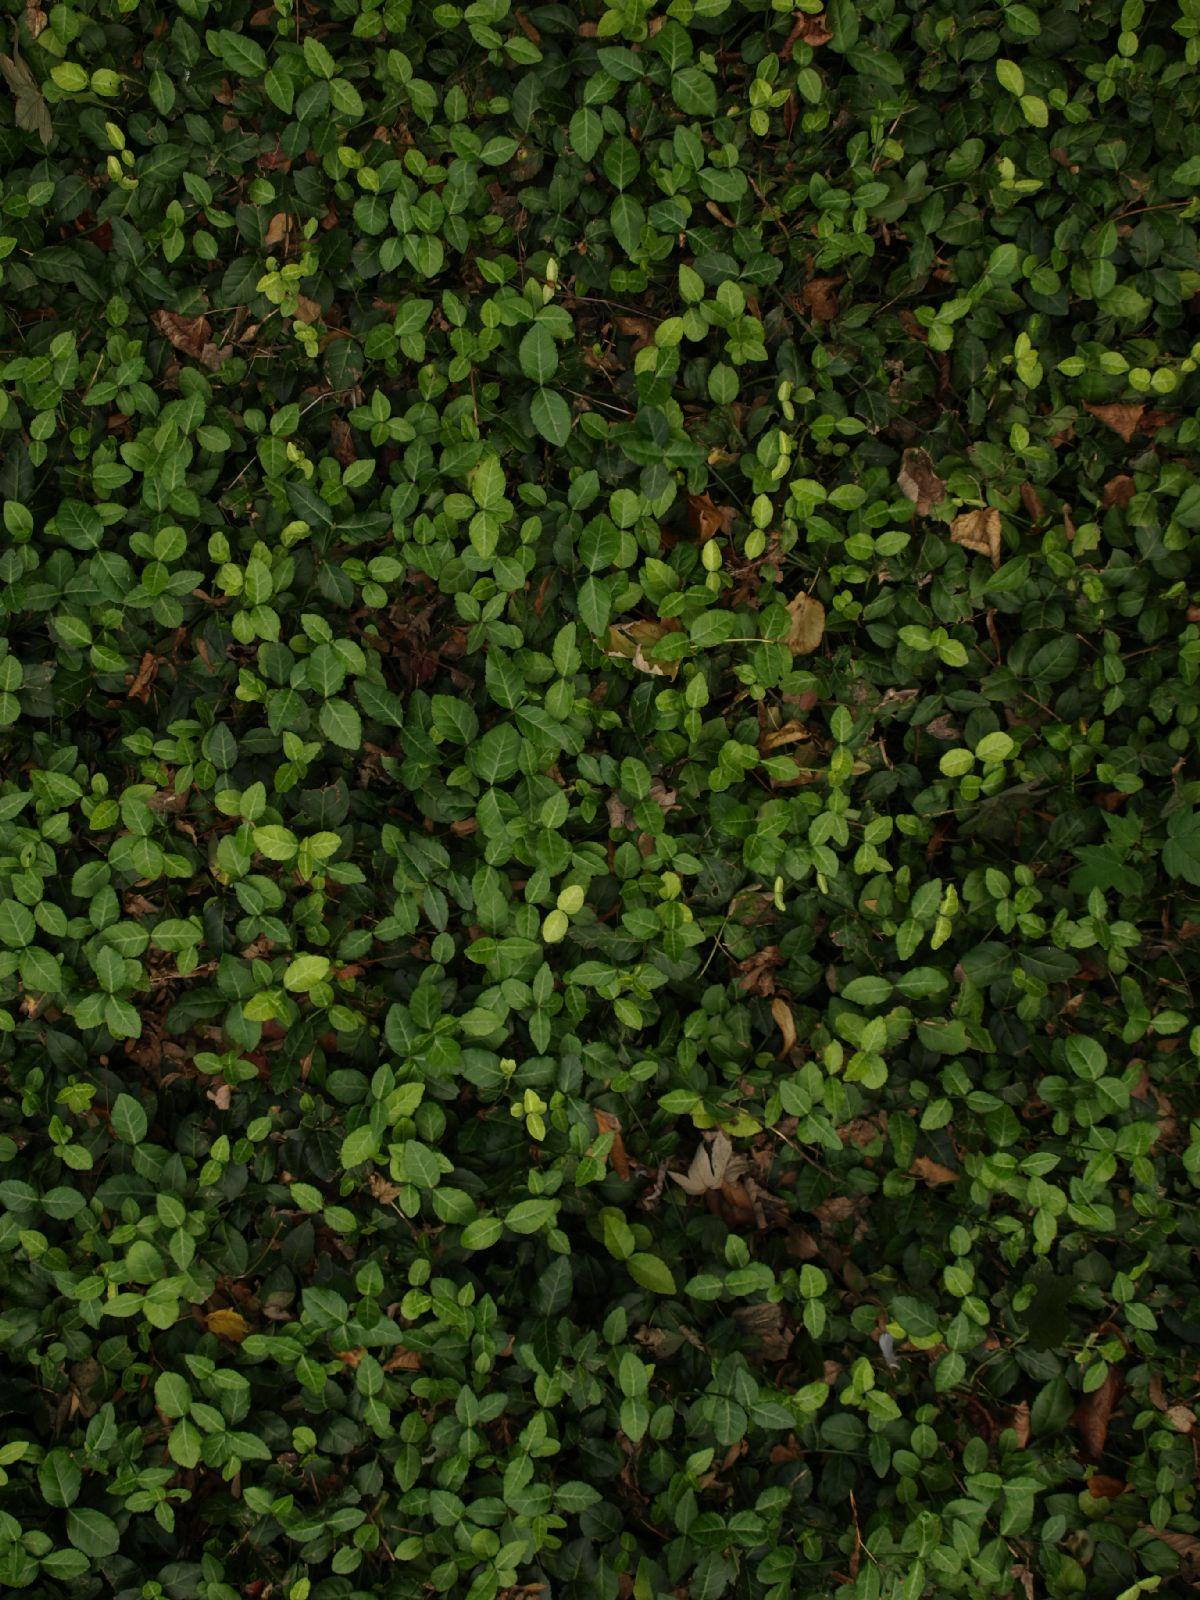 Boden-Gras-Moos-Blumen_Textur_A_PA039930